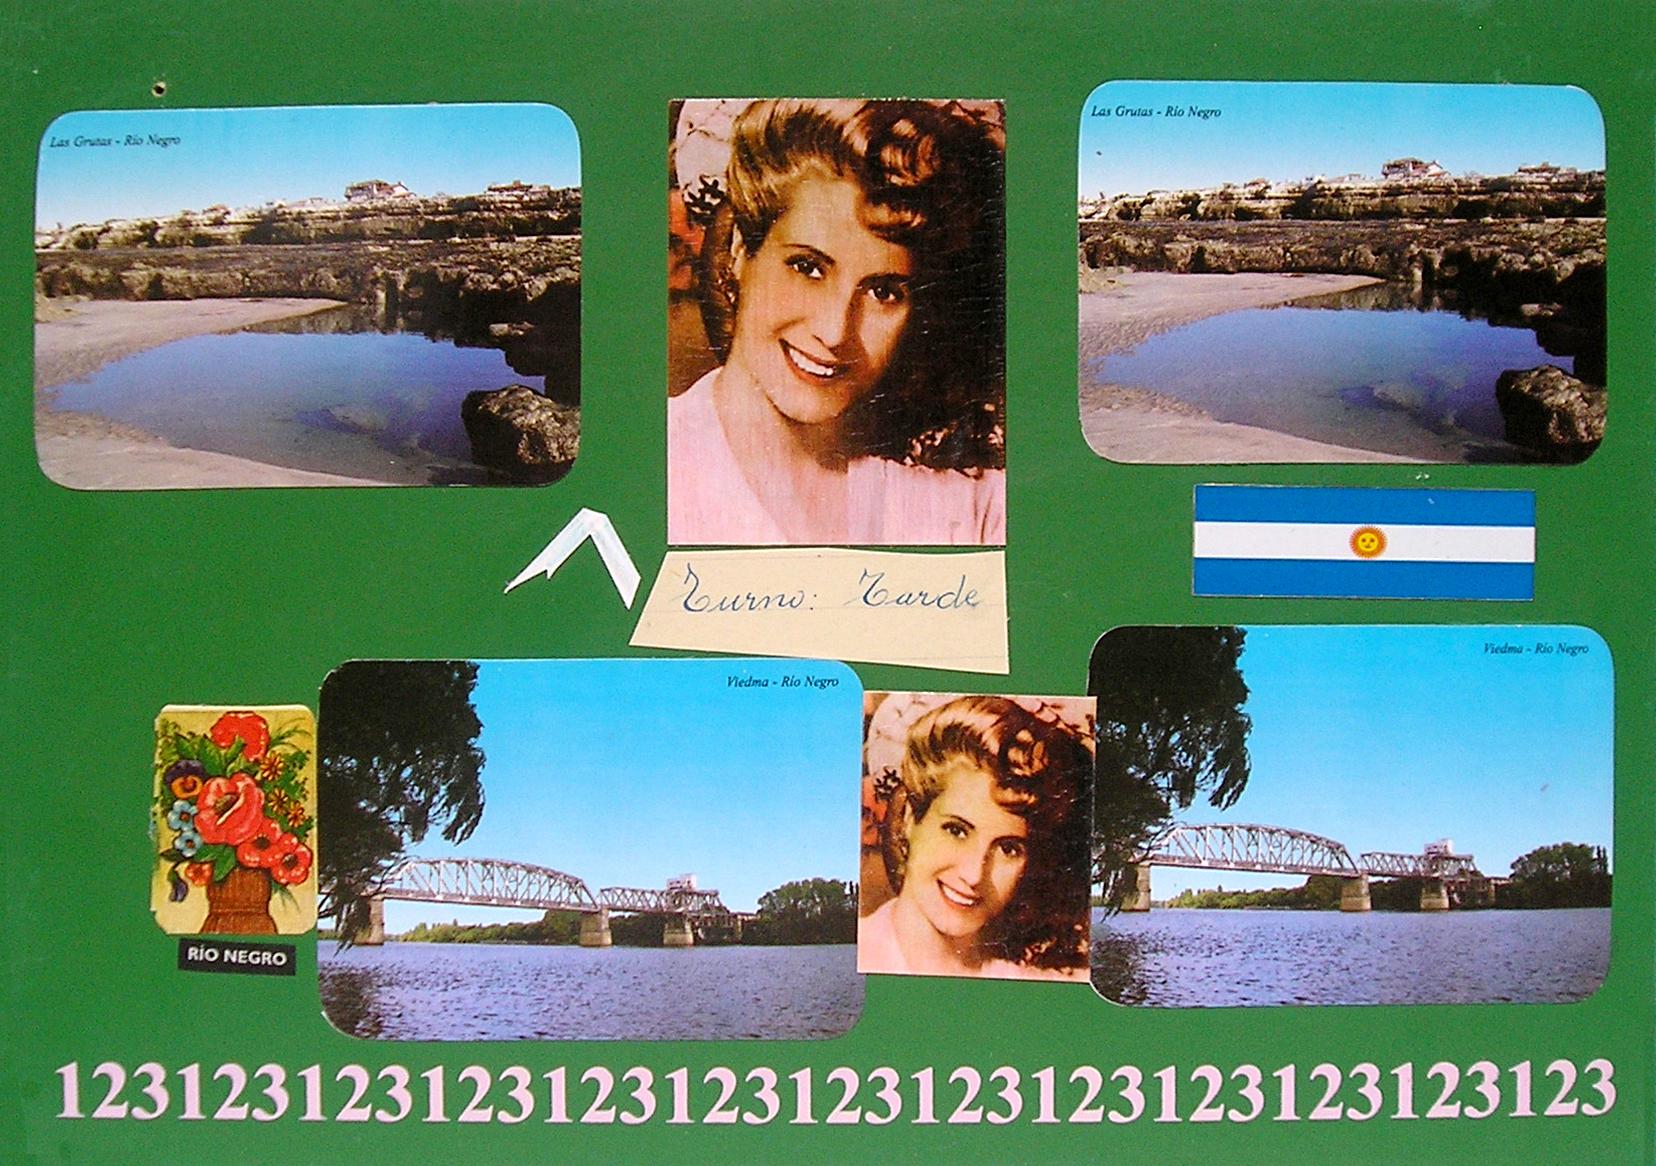 Evita Maestra recorre el país, Viedma, Río Negro; serie, técnica mixta sobre pizarrón; 21 x 30 cm, 2007